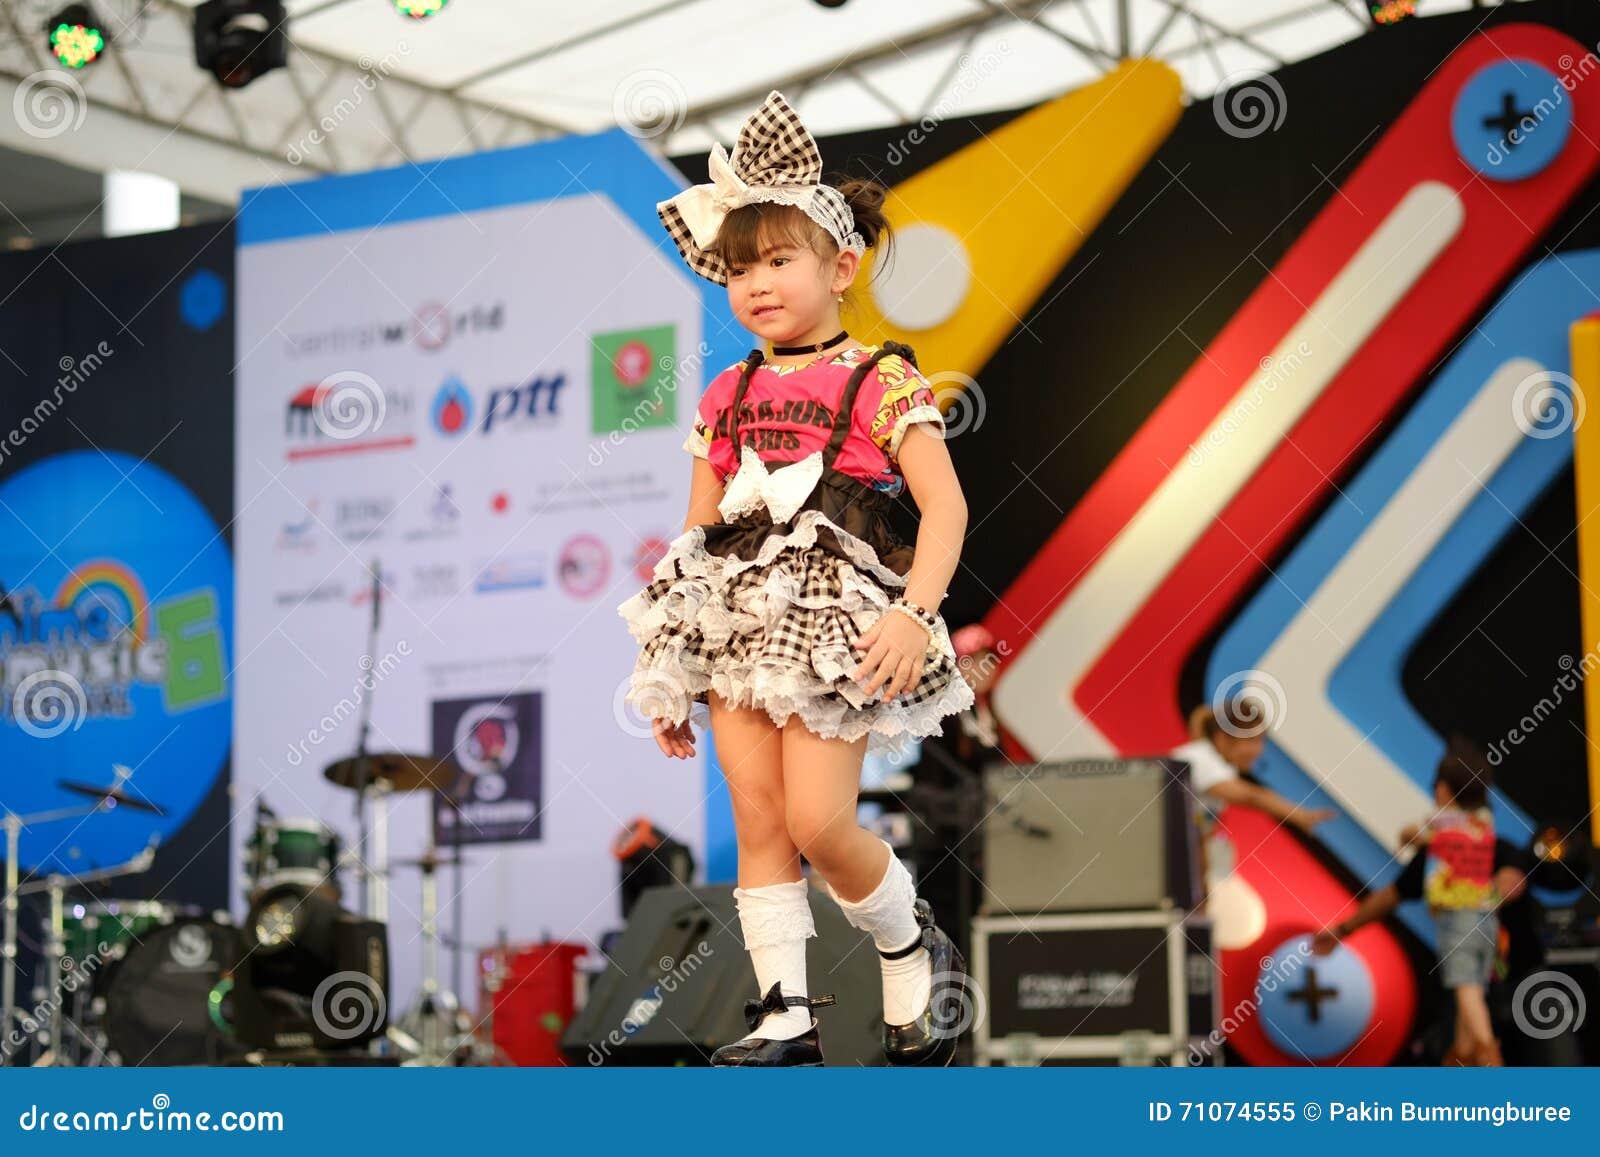 BANGKOK, THAILAND - MAY 8: Kids model walks the runway at Thai-